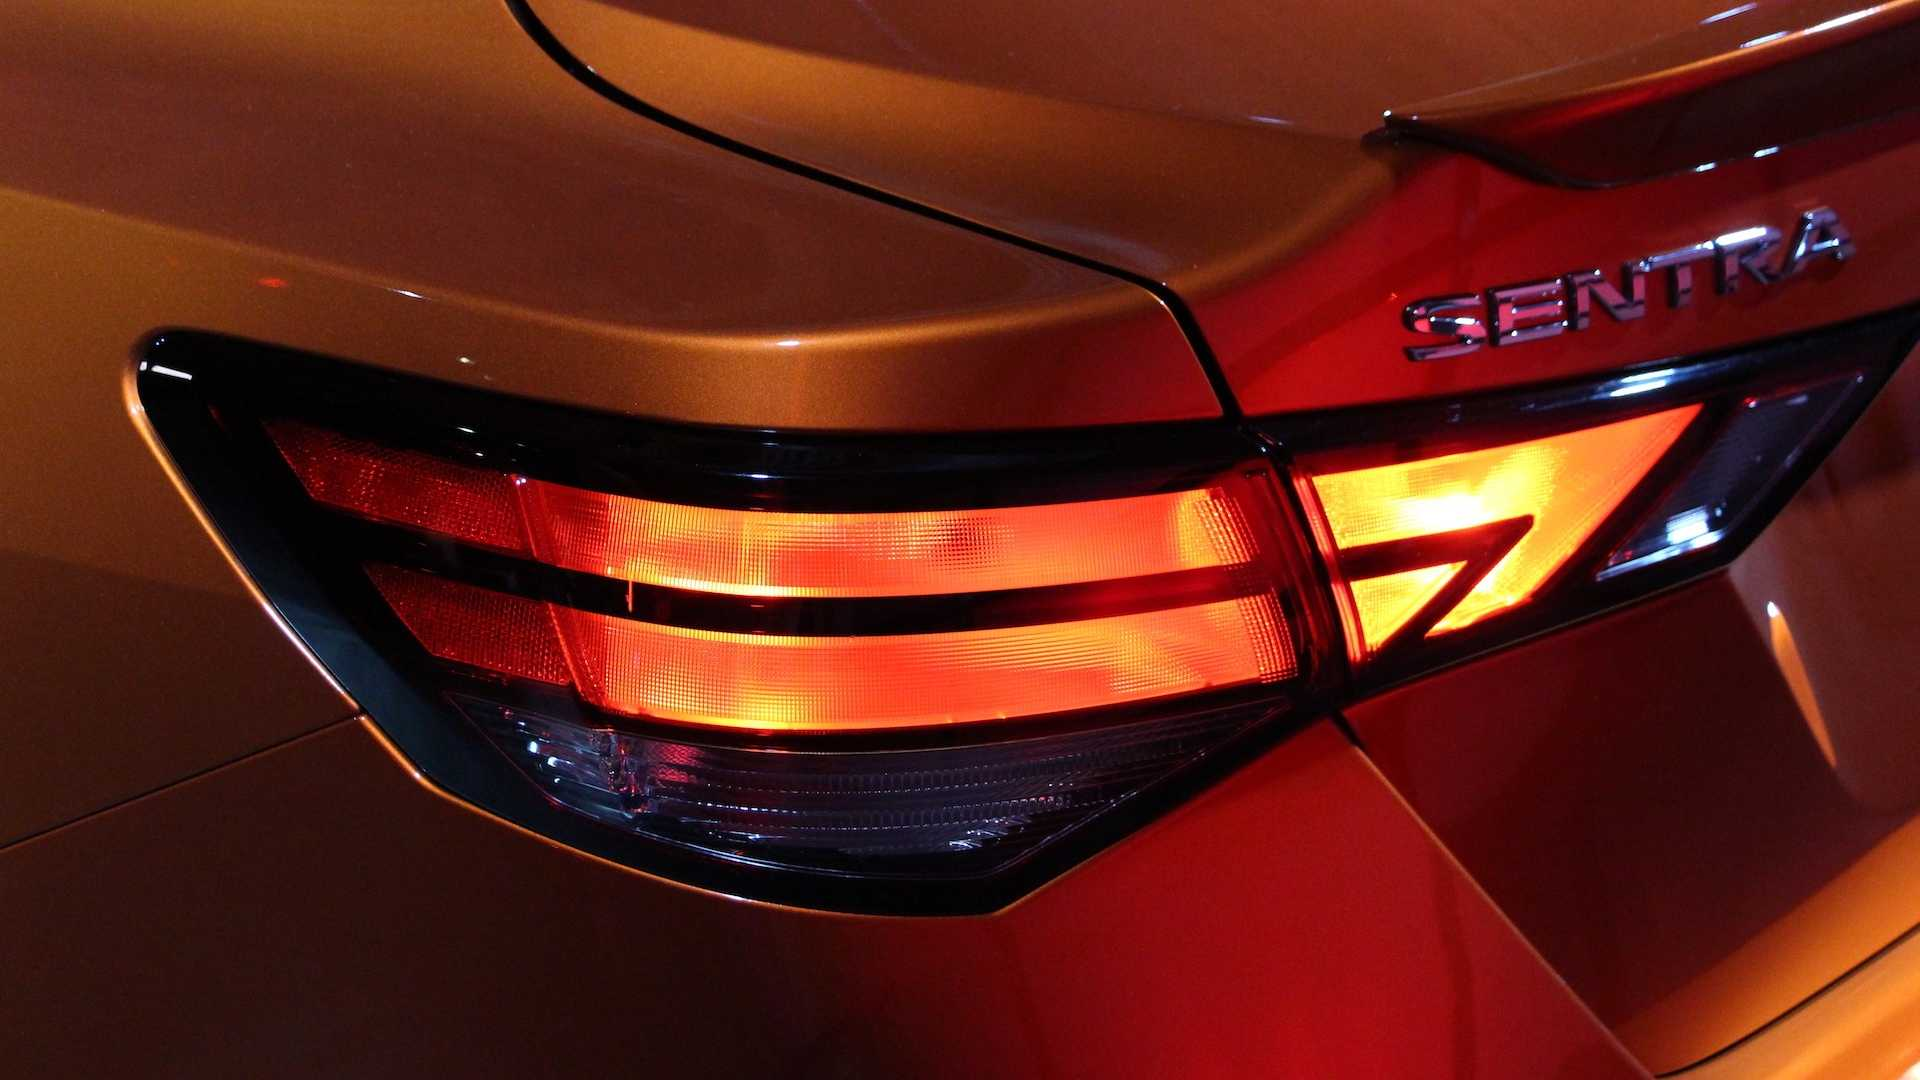 Nissan Sentra thế hệ mới đối đầu trực tiếp với Honda Civic hay Mazda3 - 5